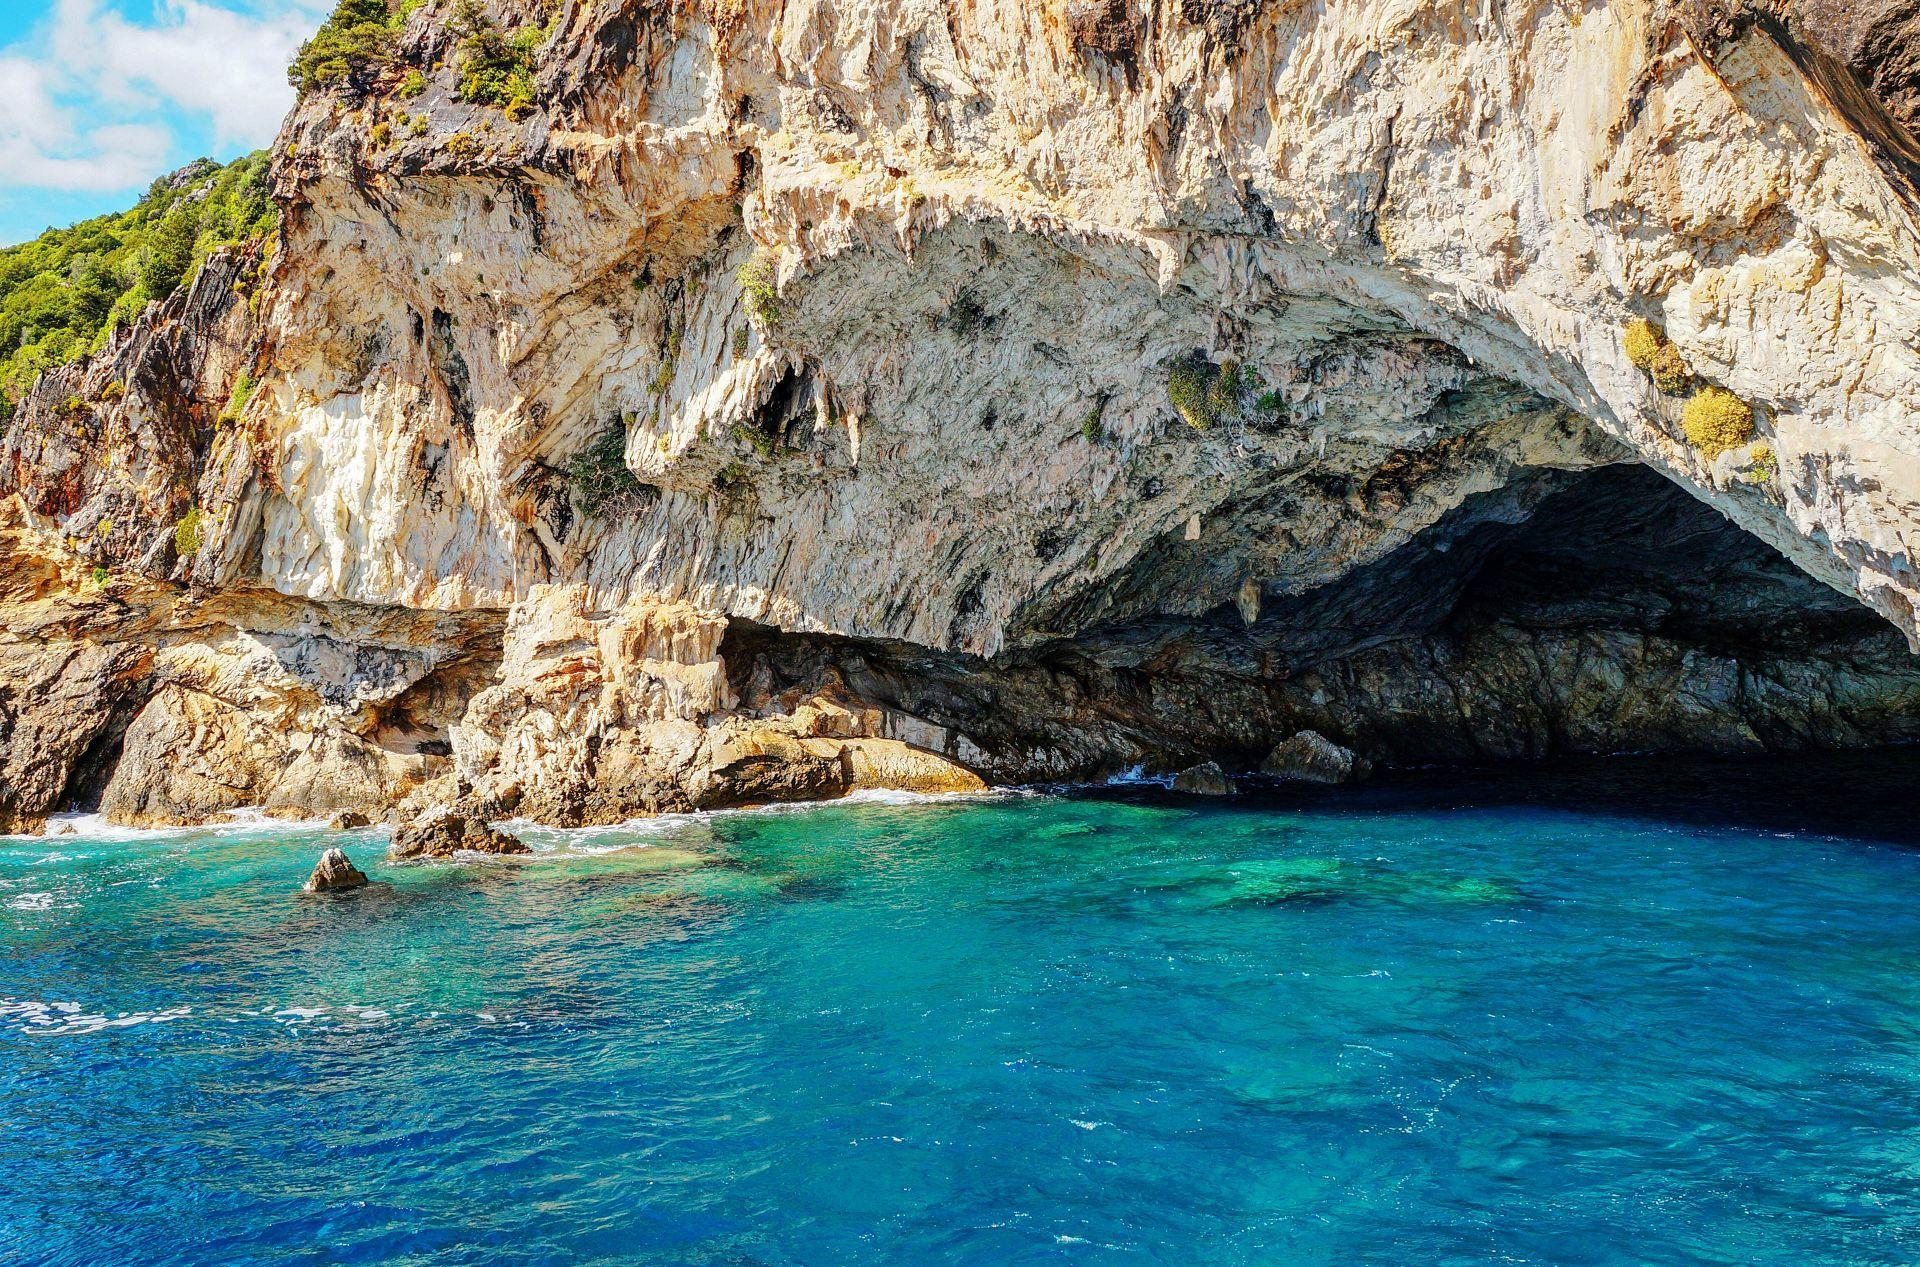 Meganisi island: Sea caves